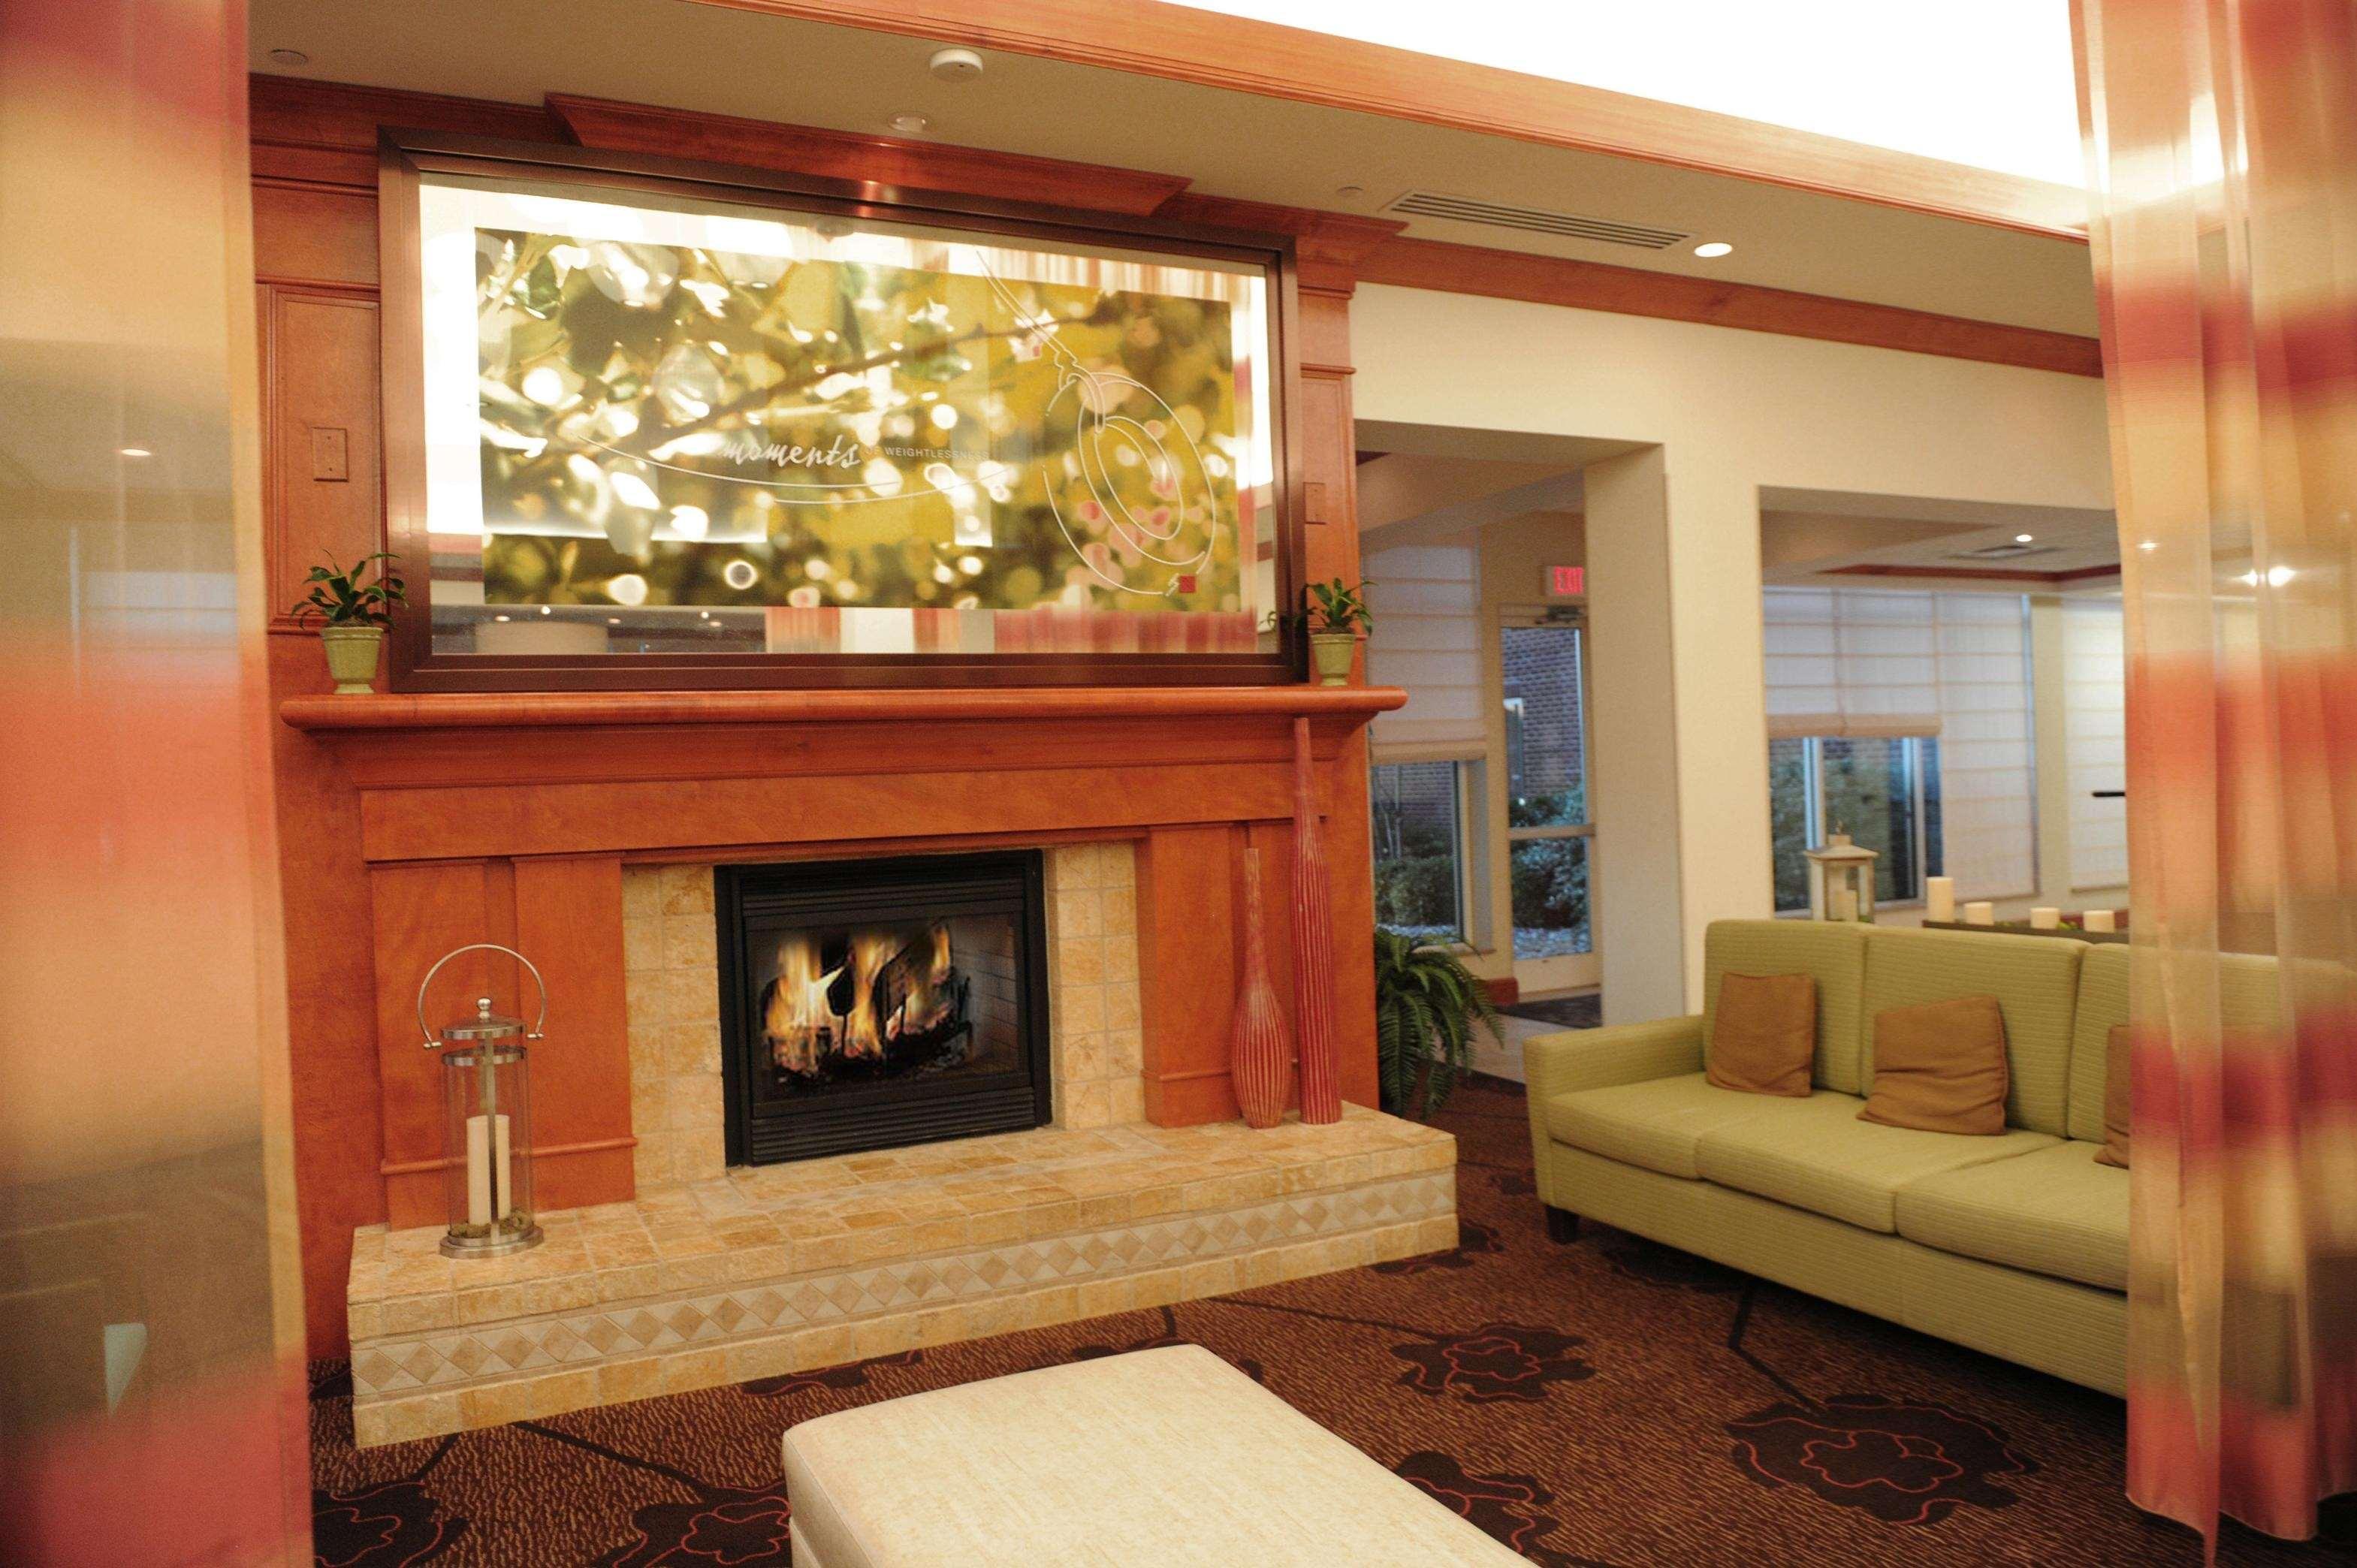 Hilton Garden Inn West Monroe 400 Mane Street West Monroe, LA Hotels .